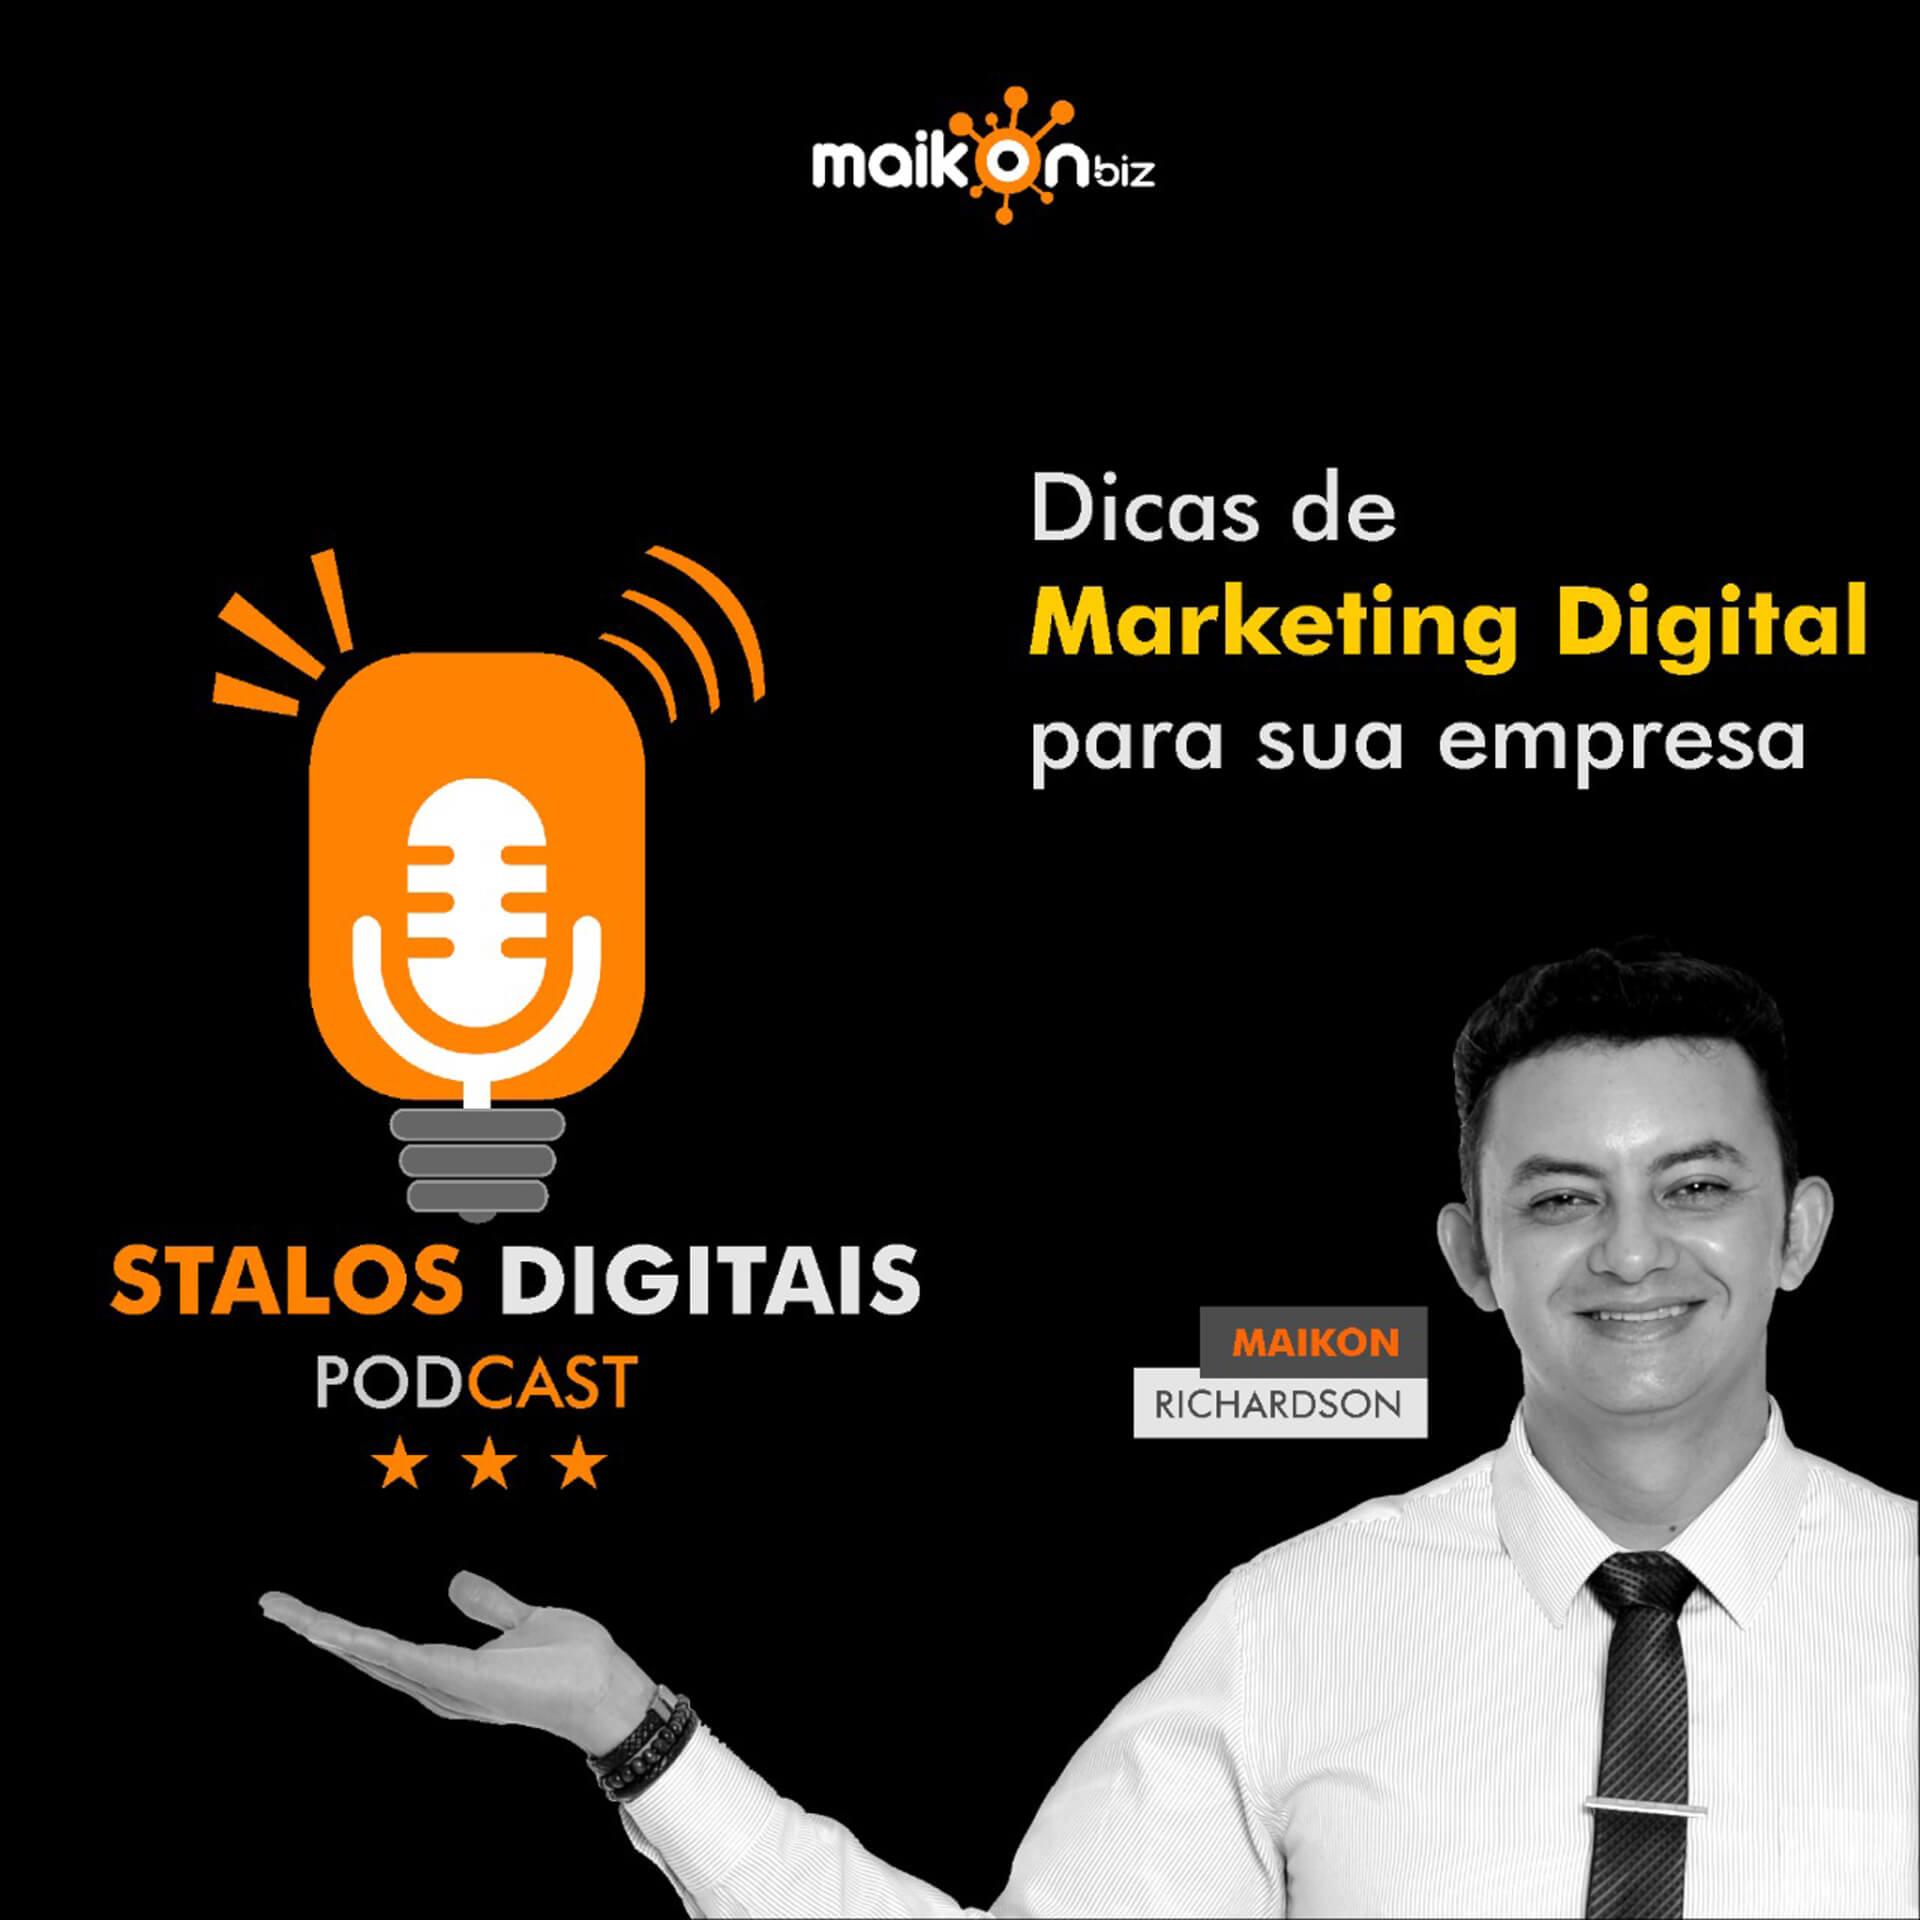 Receba dicas de Marketing Digital no seu celular